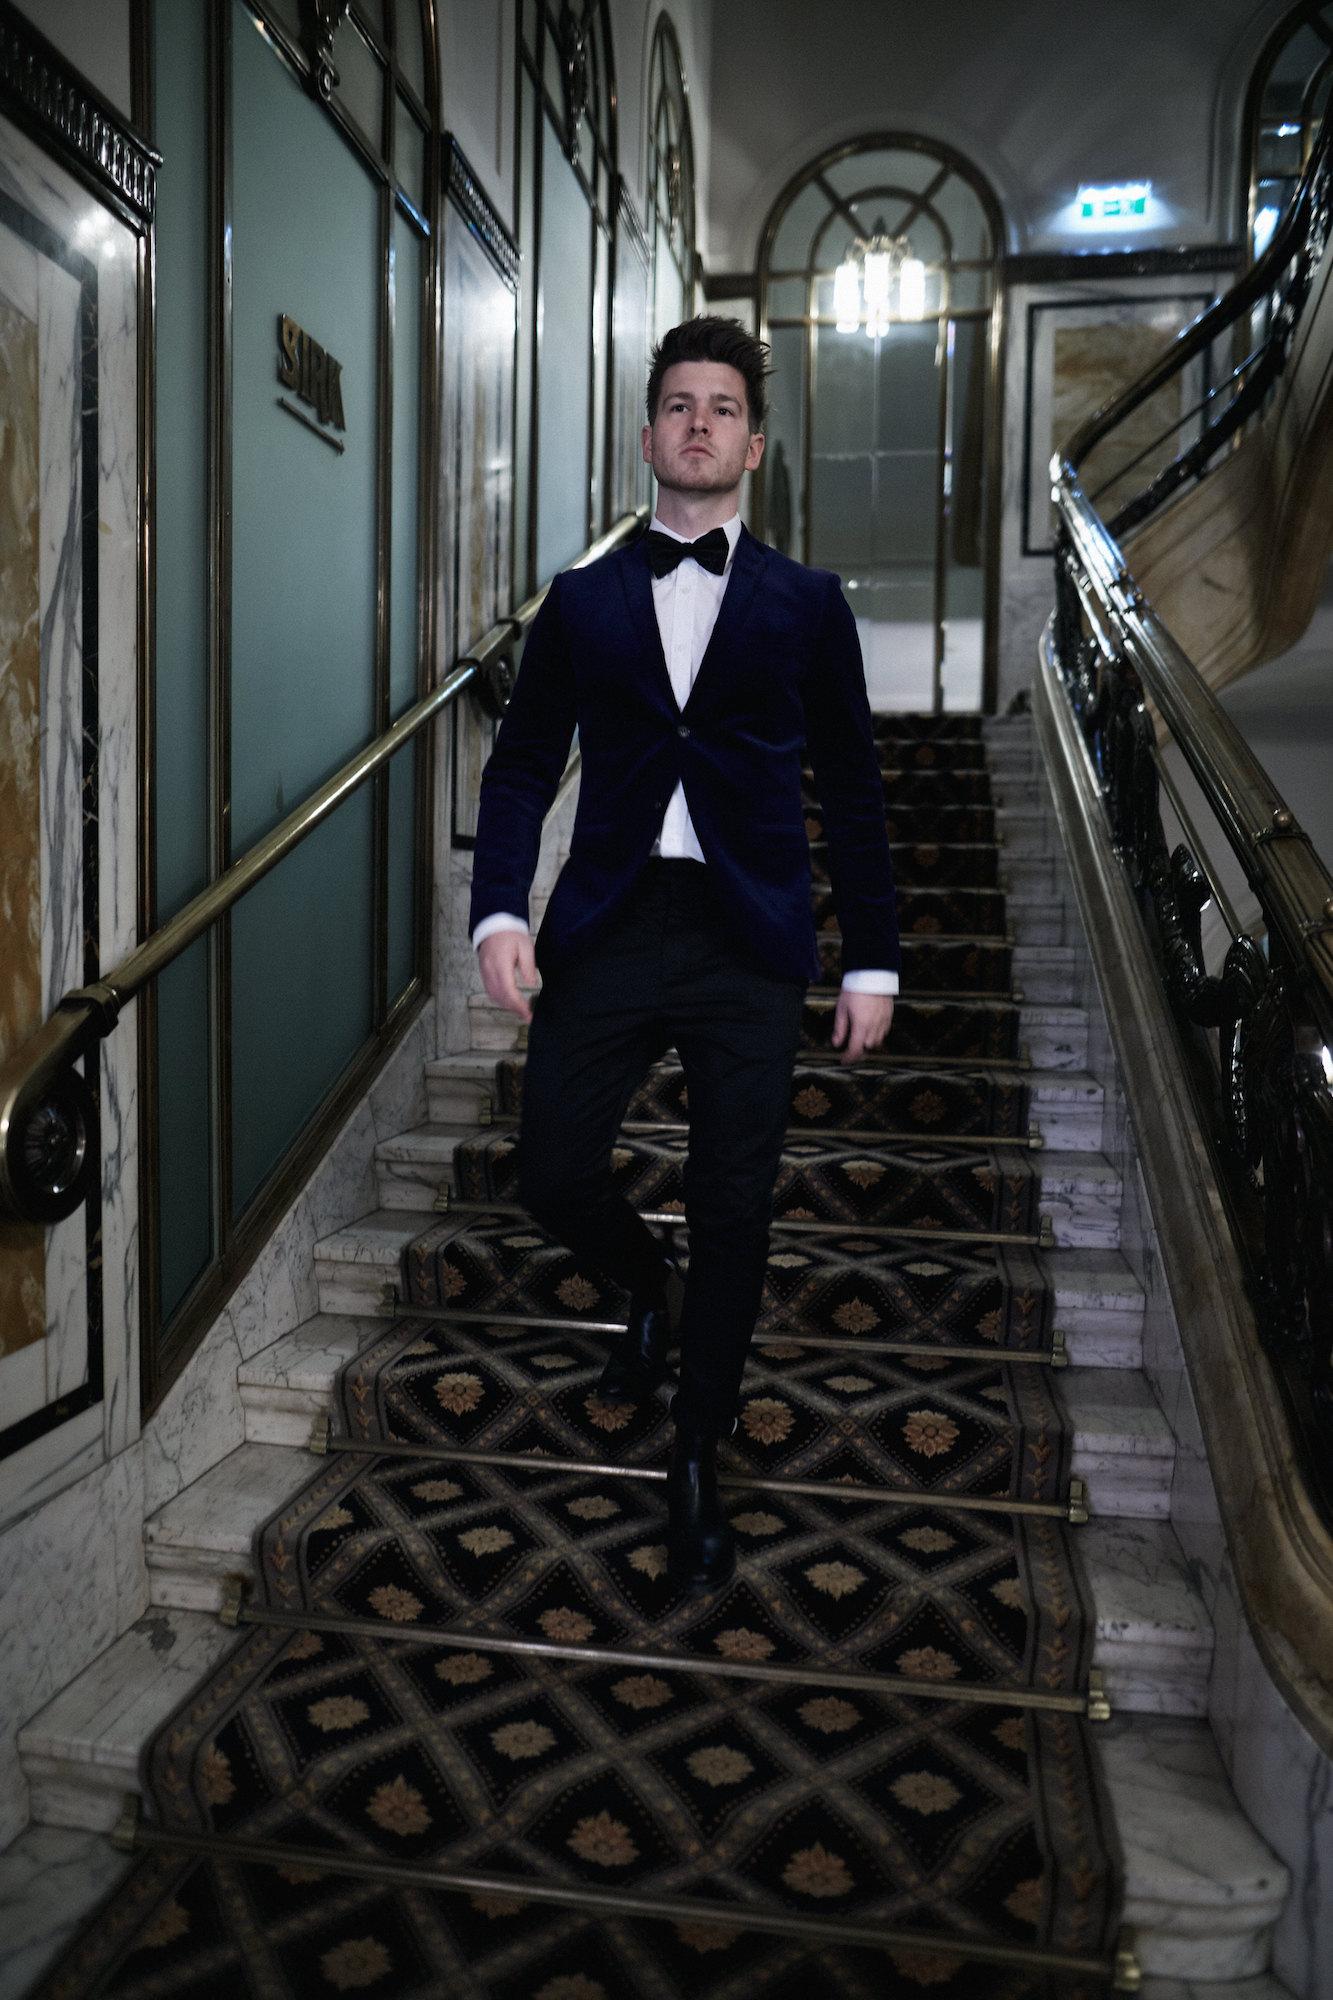 Elegantes Silvesteroutfit für Männer_Tiger of Sweden Samt Blazer_Meanwhile in Awesometown_Modeblogger_Mens Fashion und Lifestyleblogger_Wiener Blogger_Maleblogger19